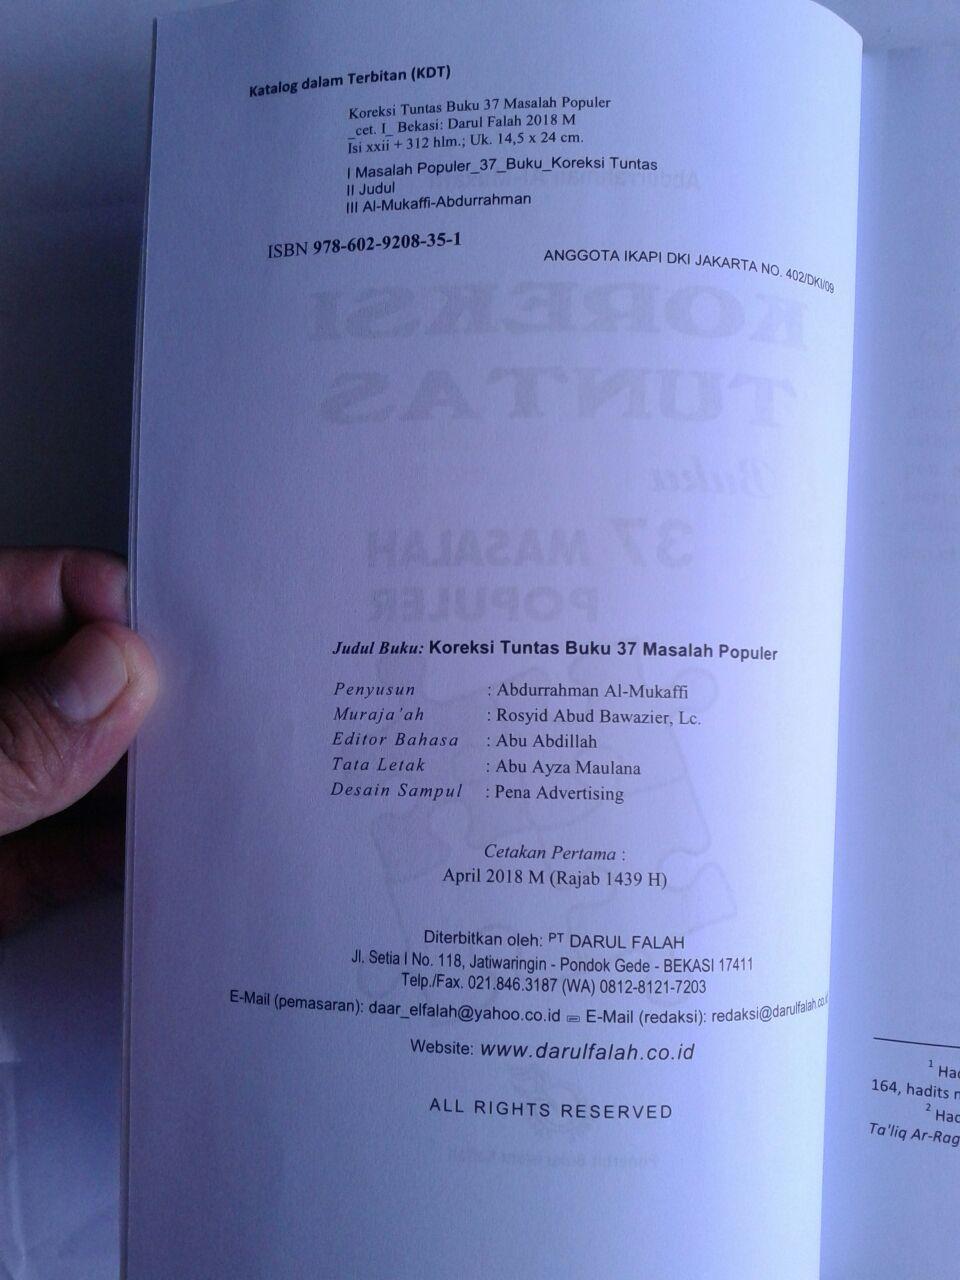 Buku Koreksi Tuntas Buku 37 Masalah Populer isi